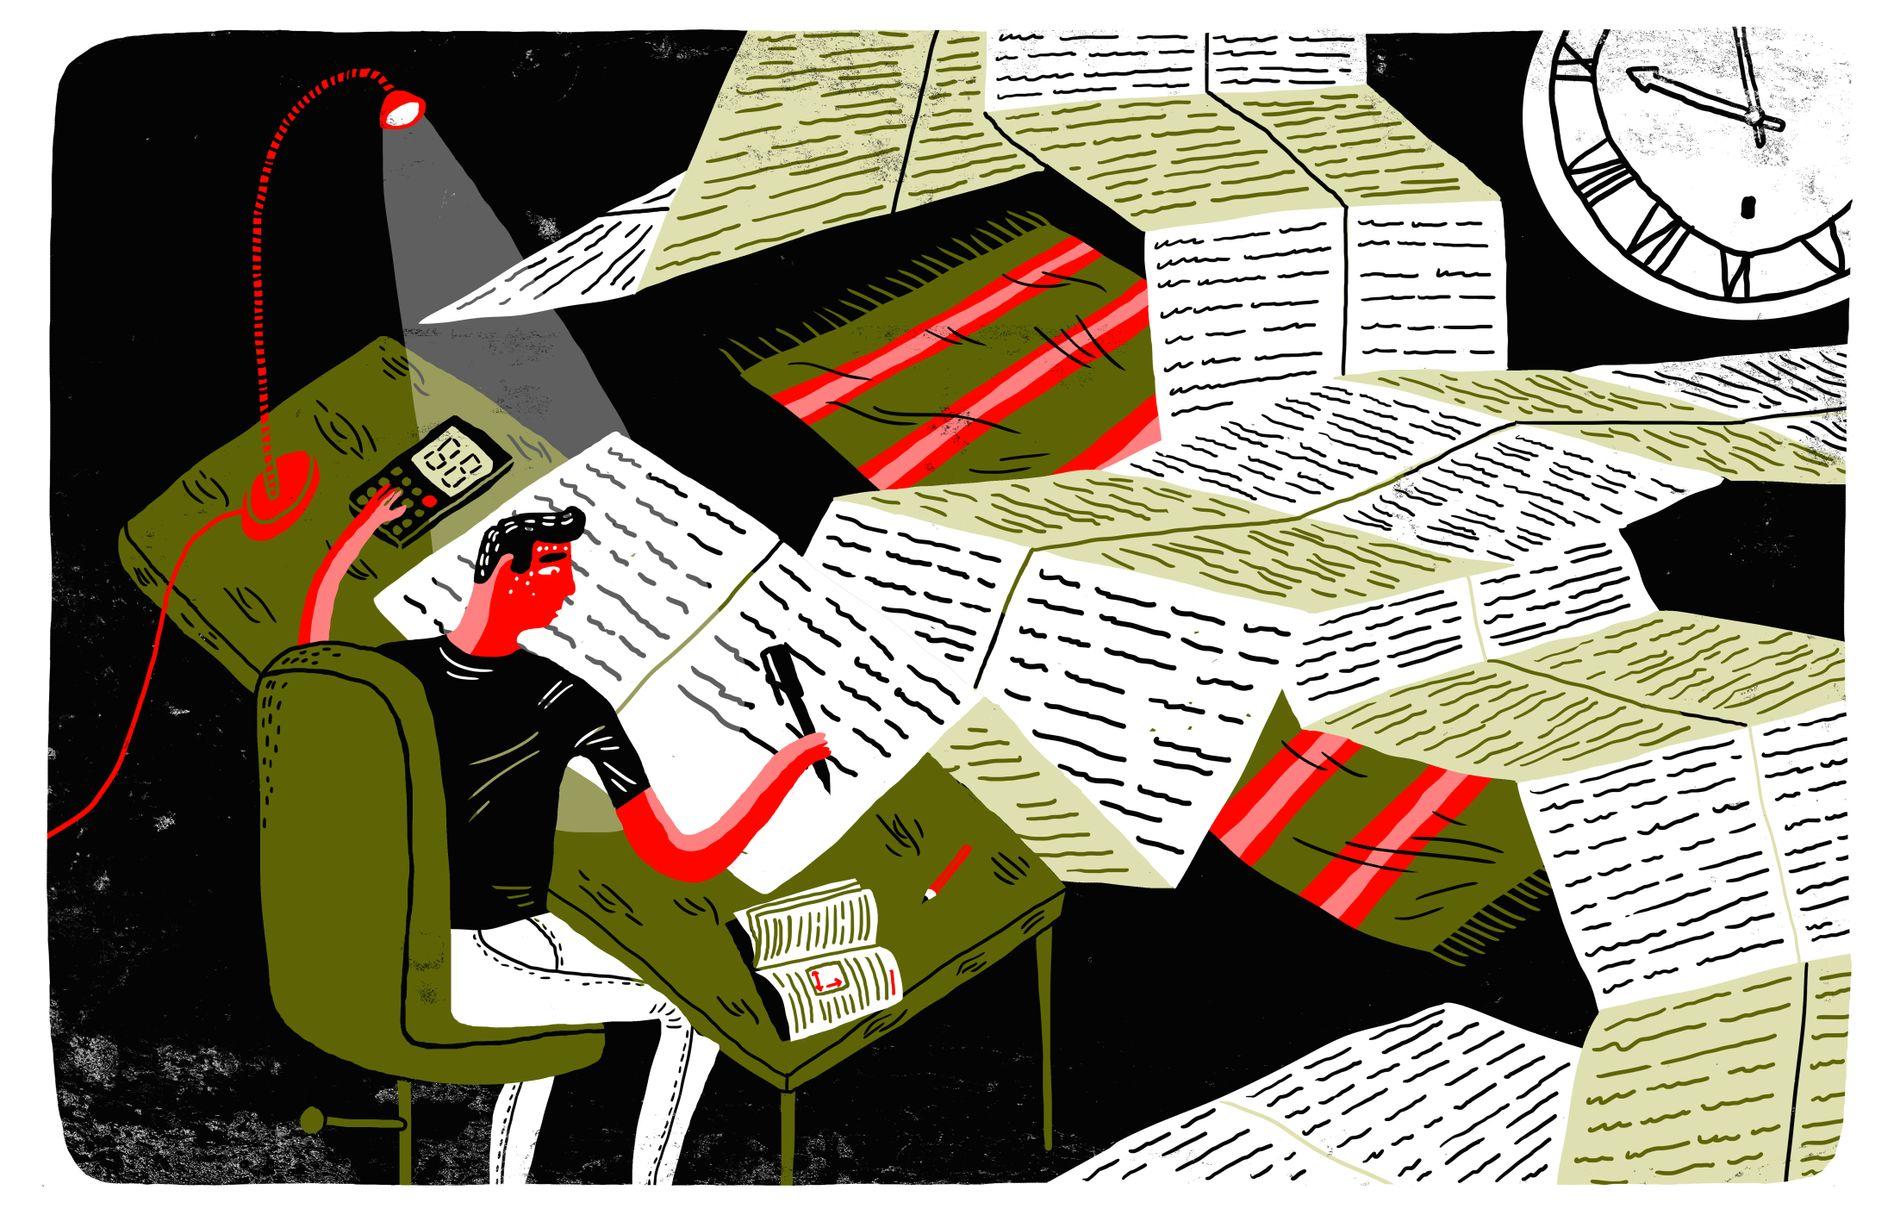 TRADISJON: I mine øyne er lekser mer en tradisjon enn noe annet, skriver innsenderen.